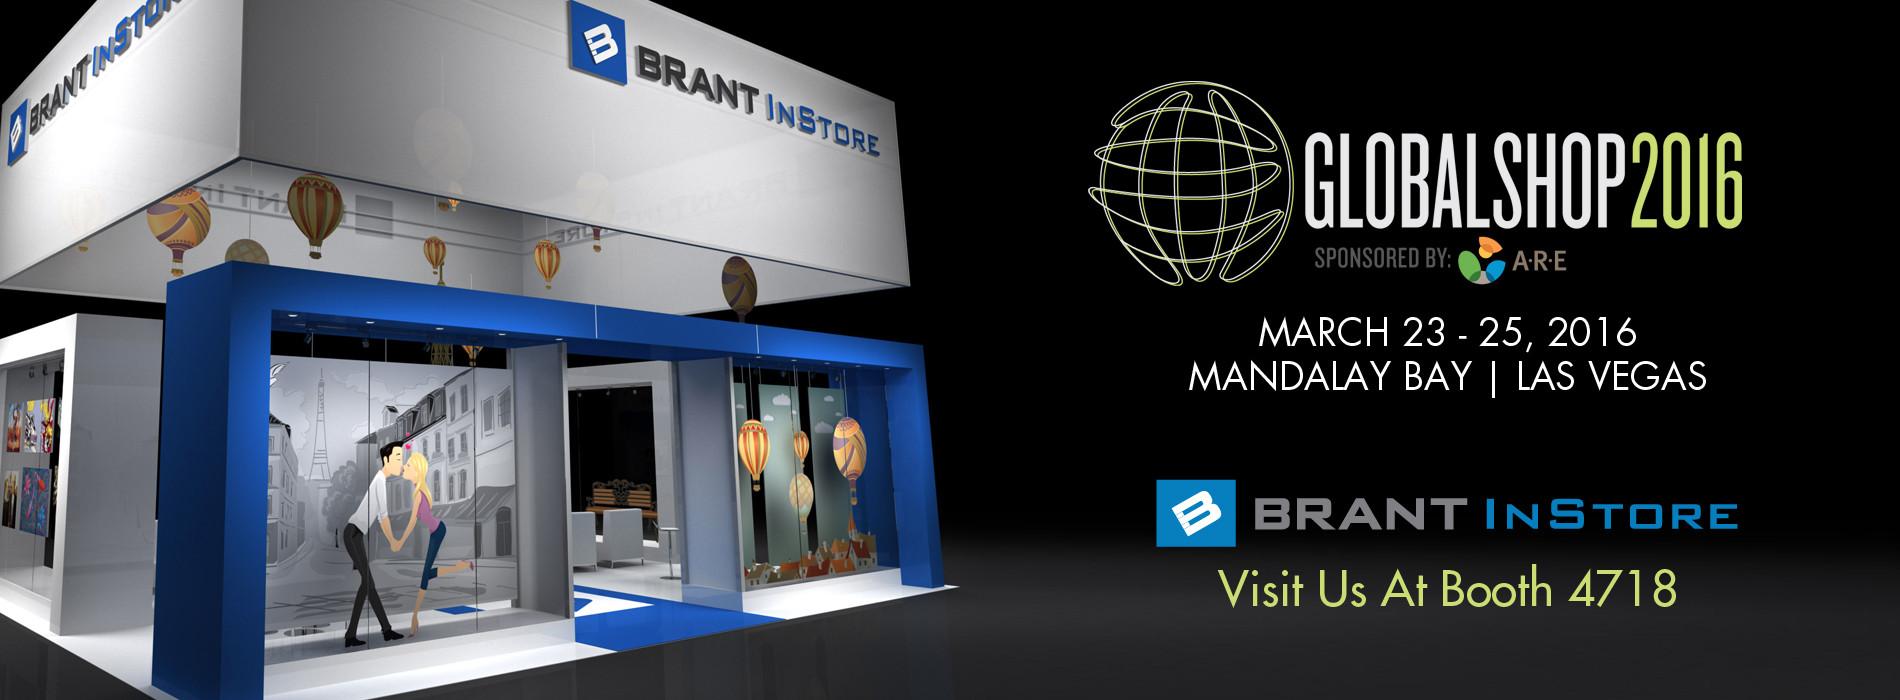 Global Shop 2016 banner